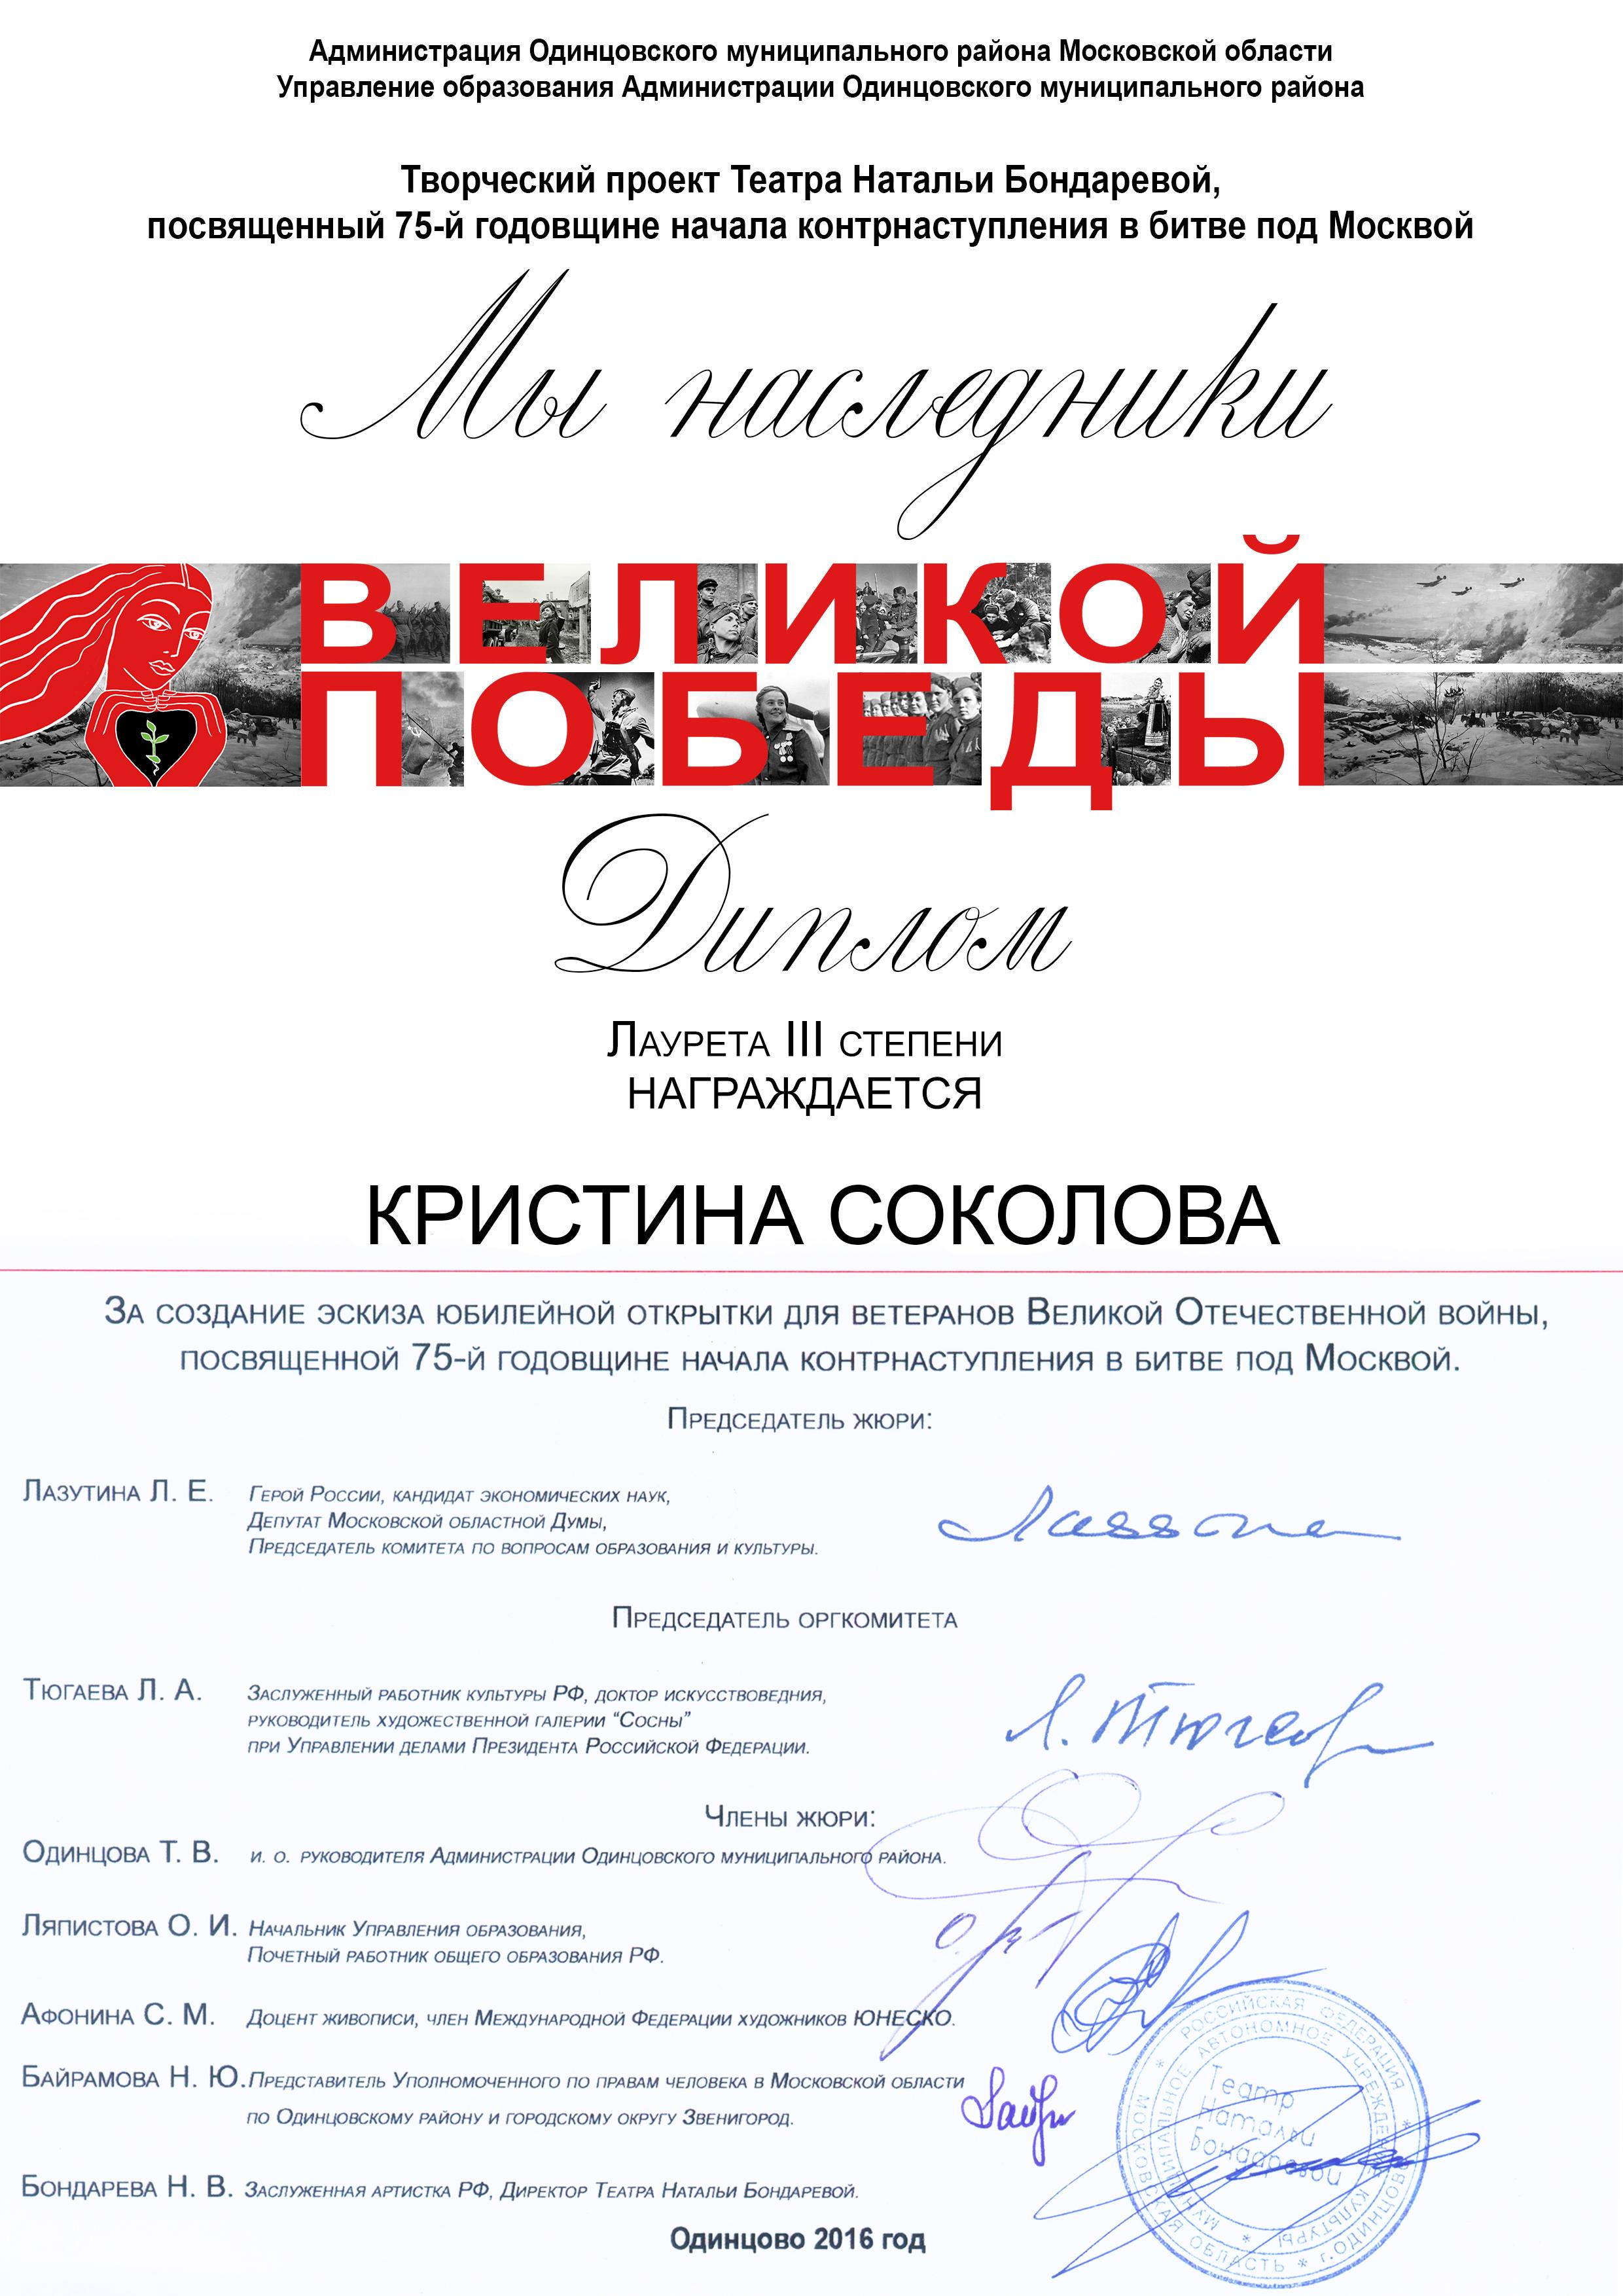 Кристина Соколова